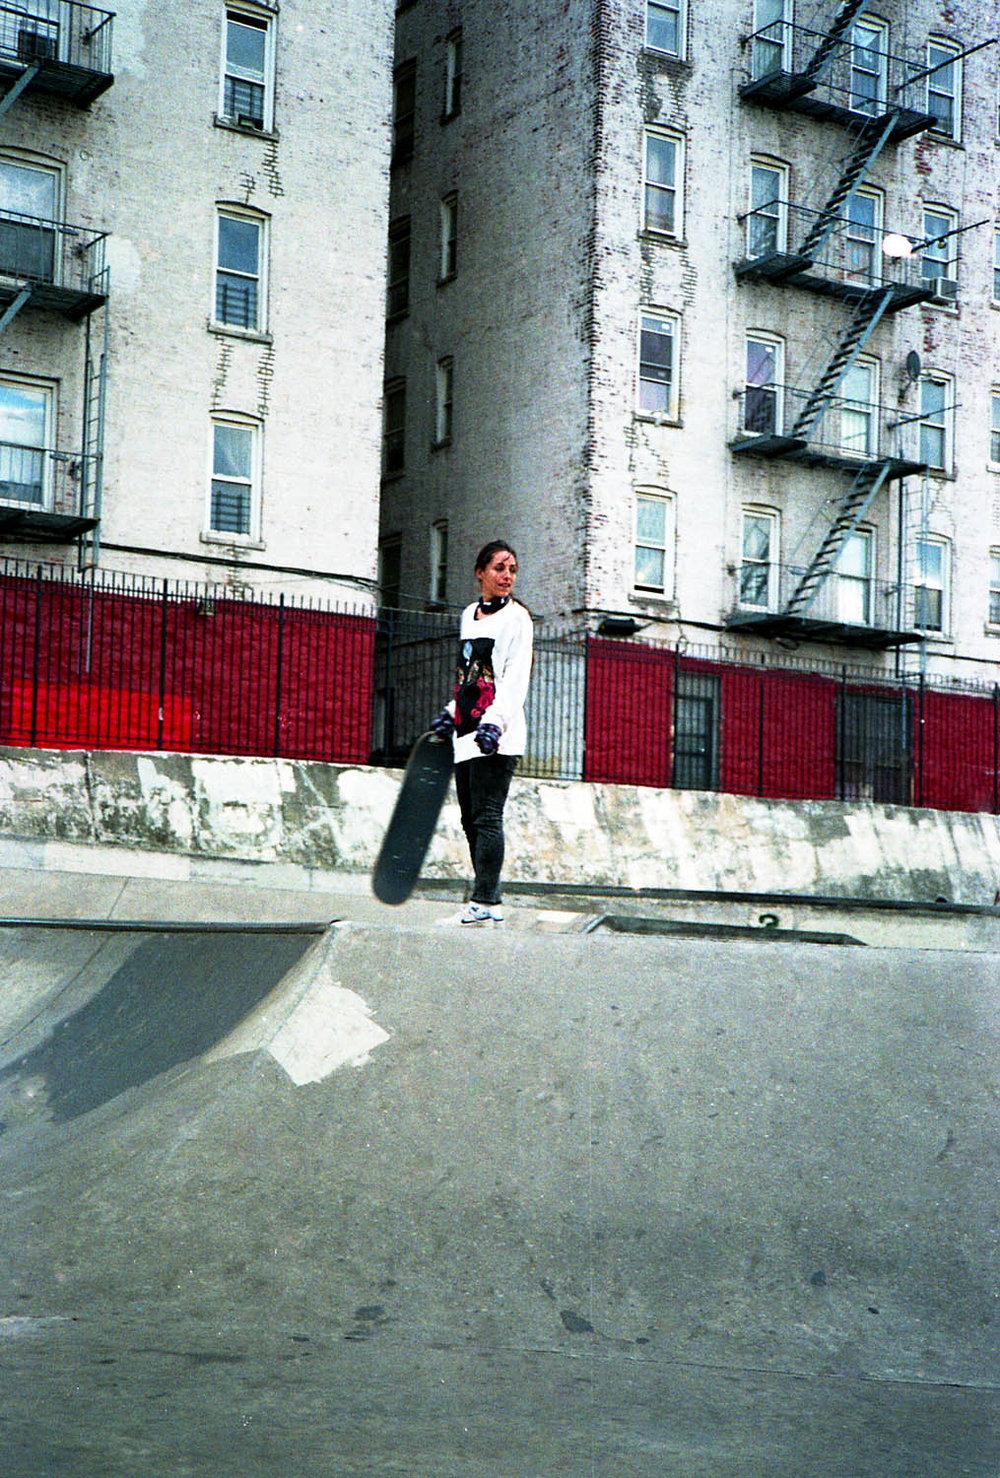 nyc_skate_web6.jpg